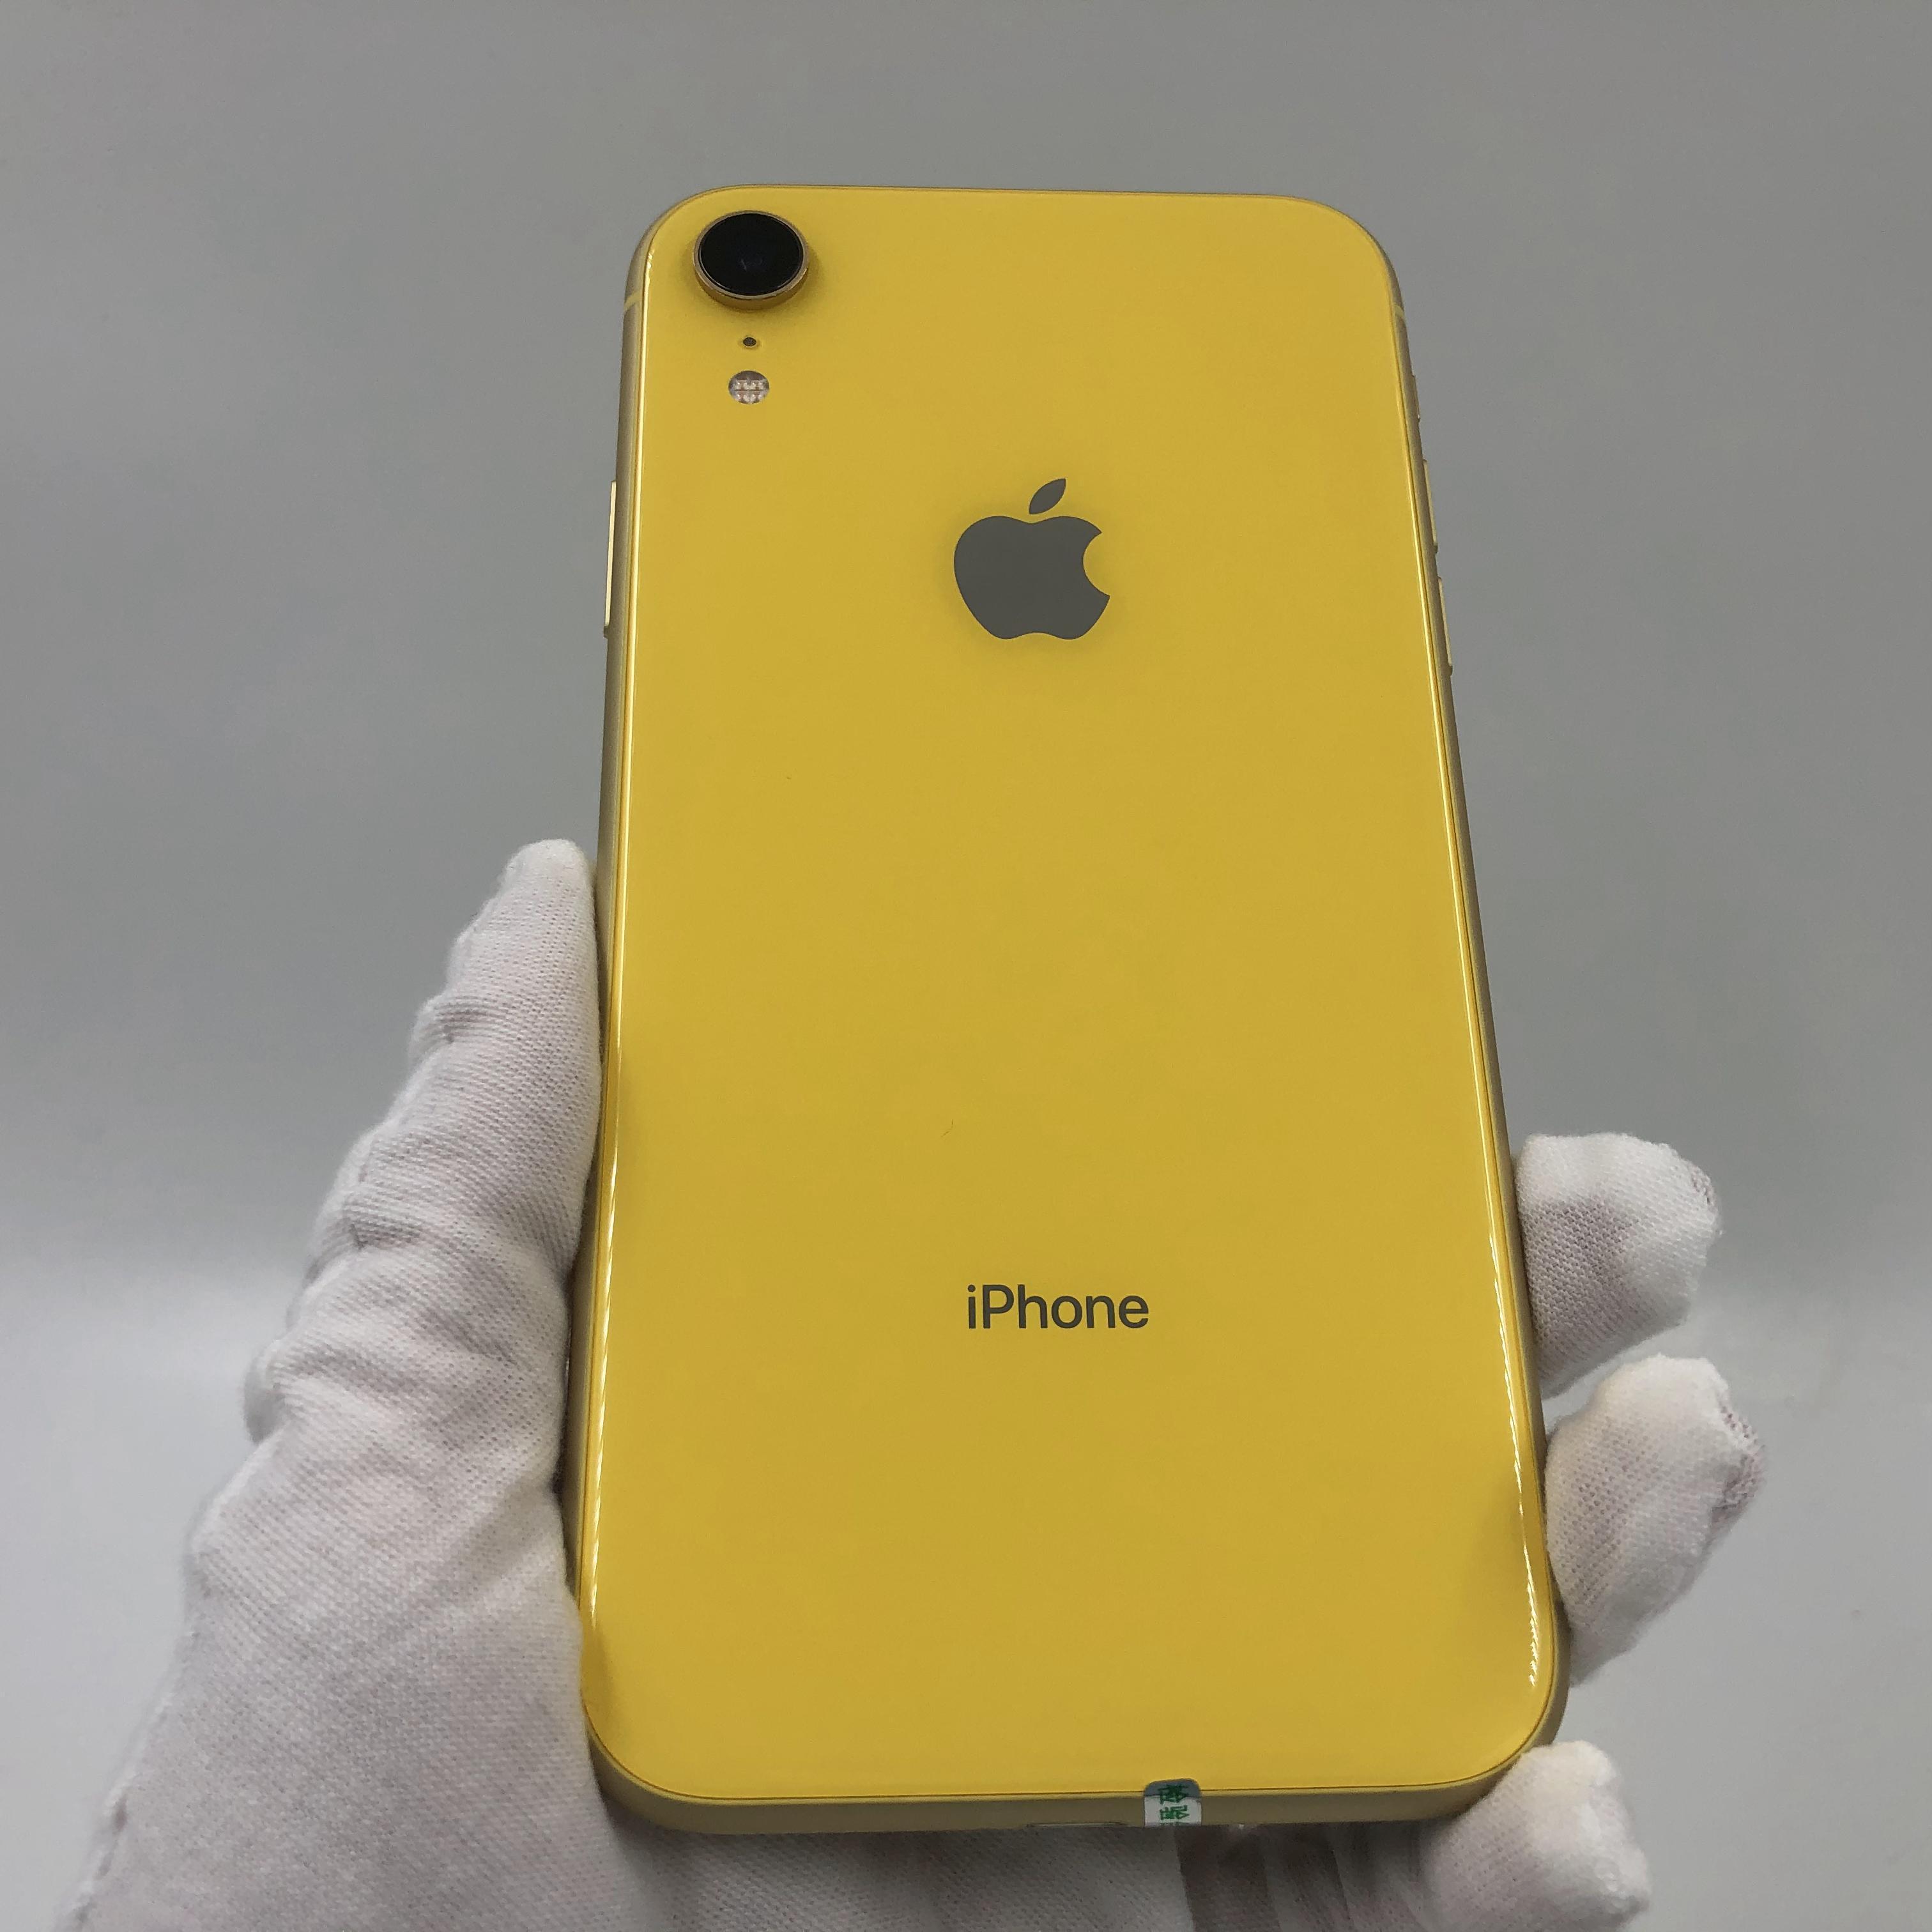 苹果【iPhone XR】4G全网通 黄色 128G 国行 9成新 真机实拍